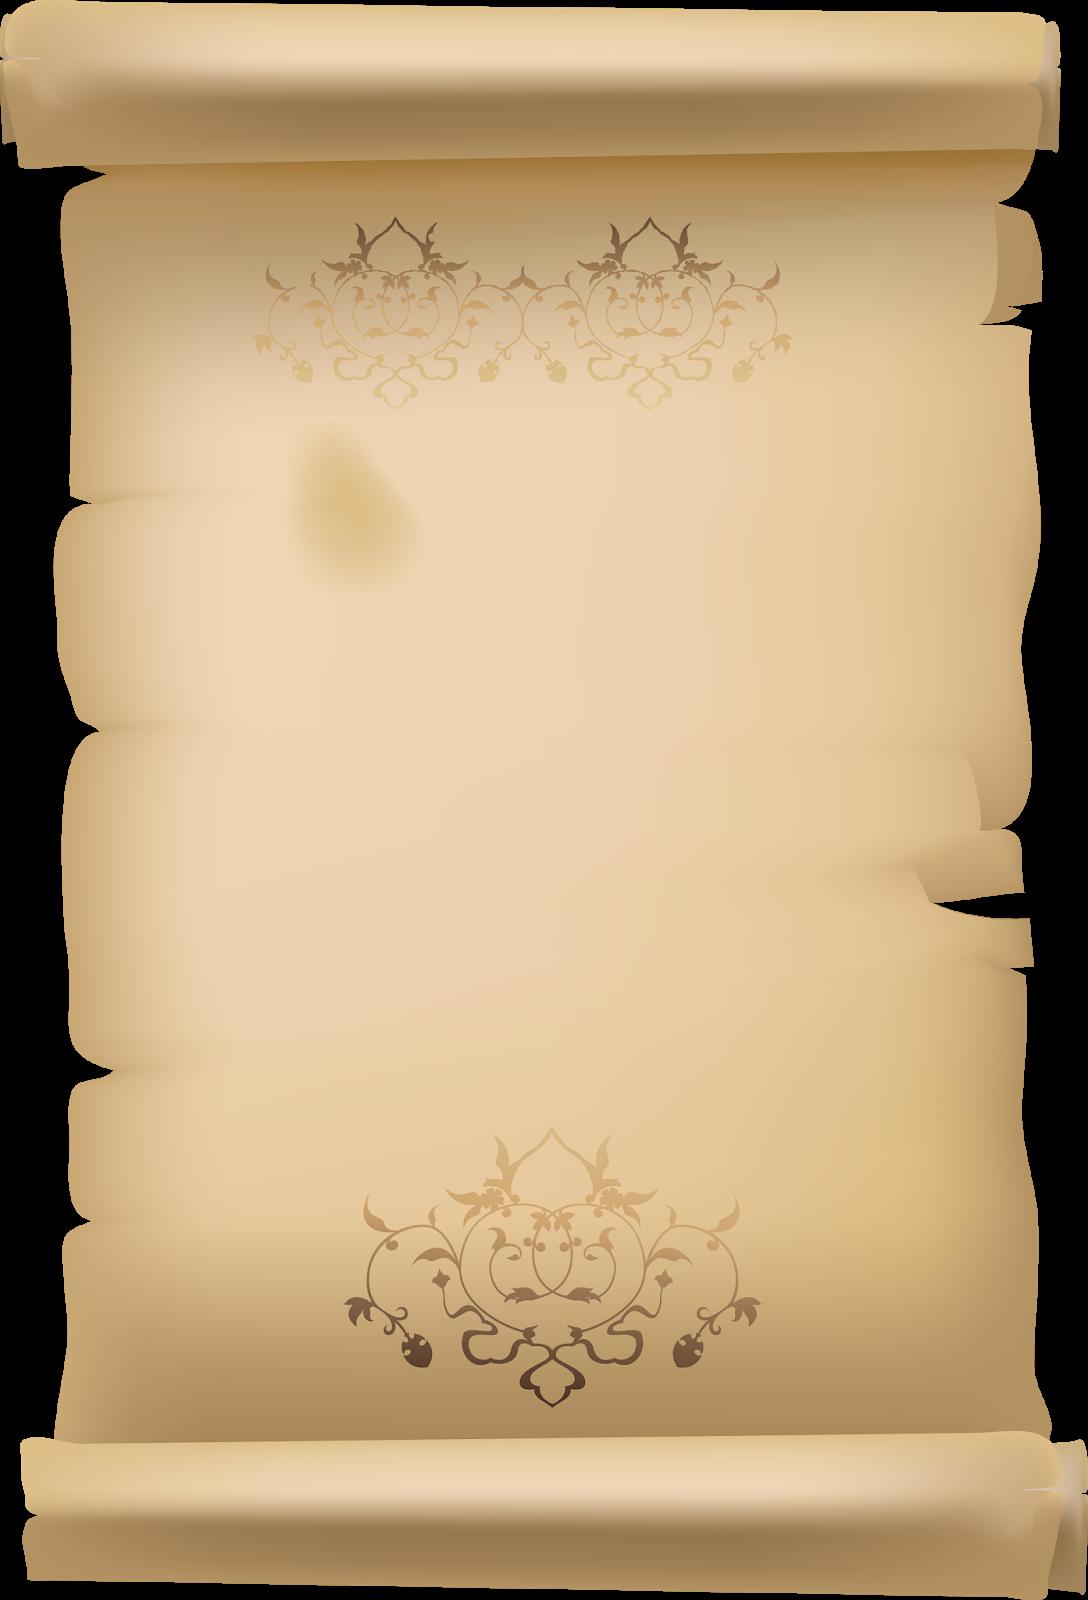 Картинки свитков для поздравления